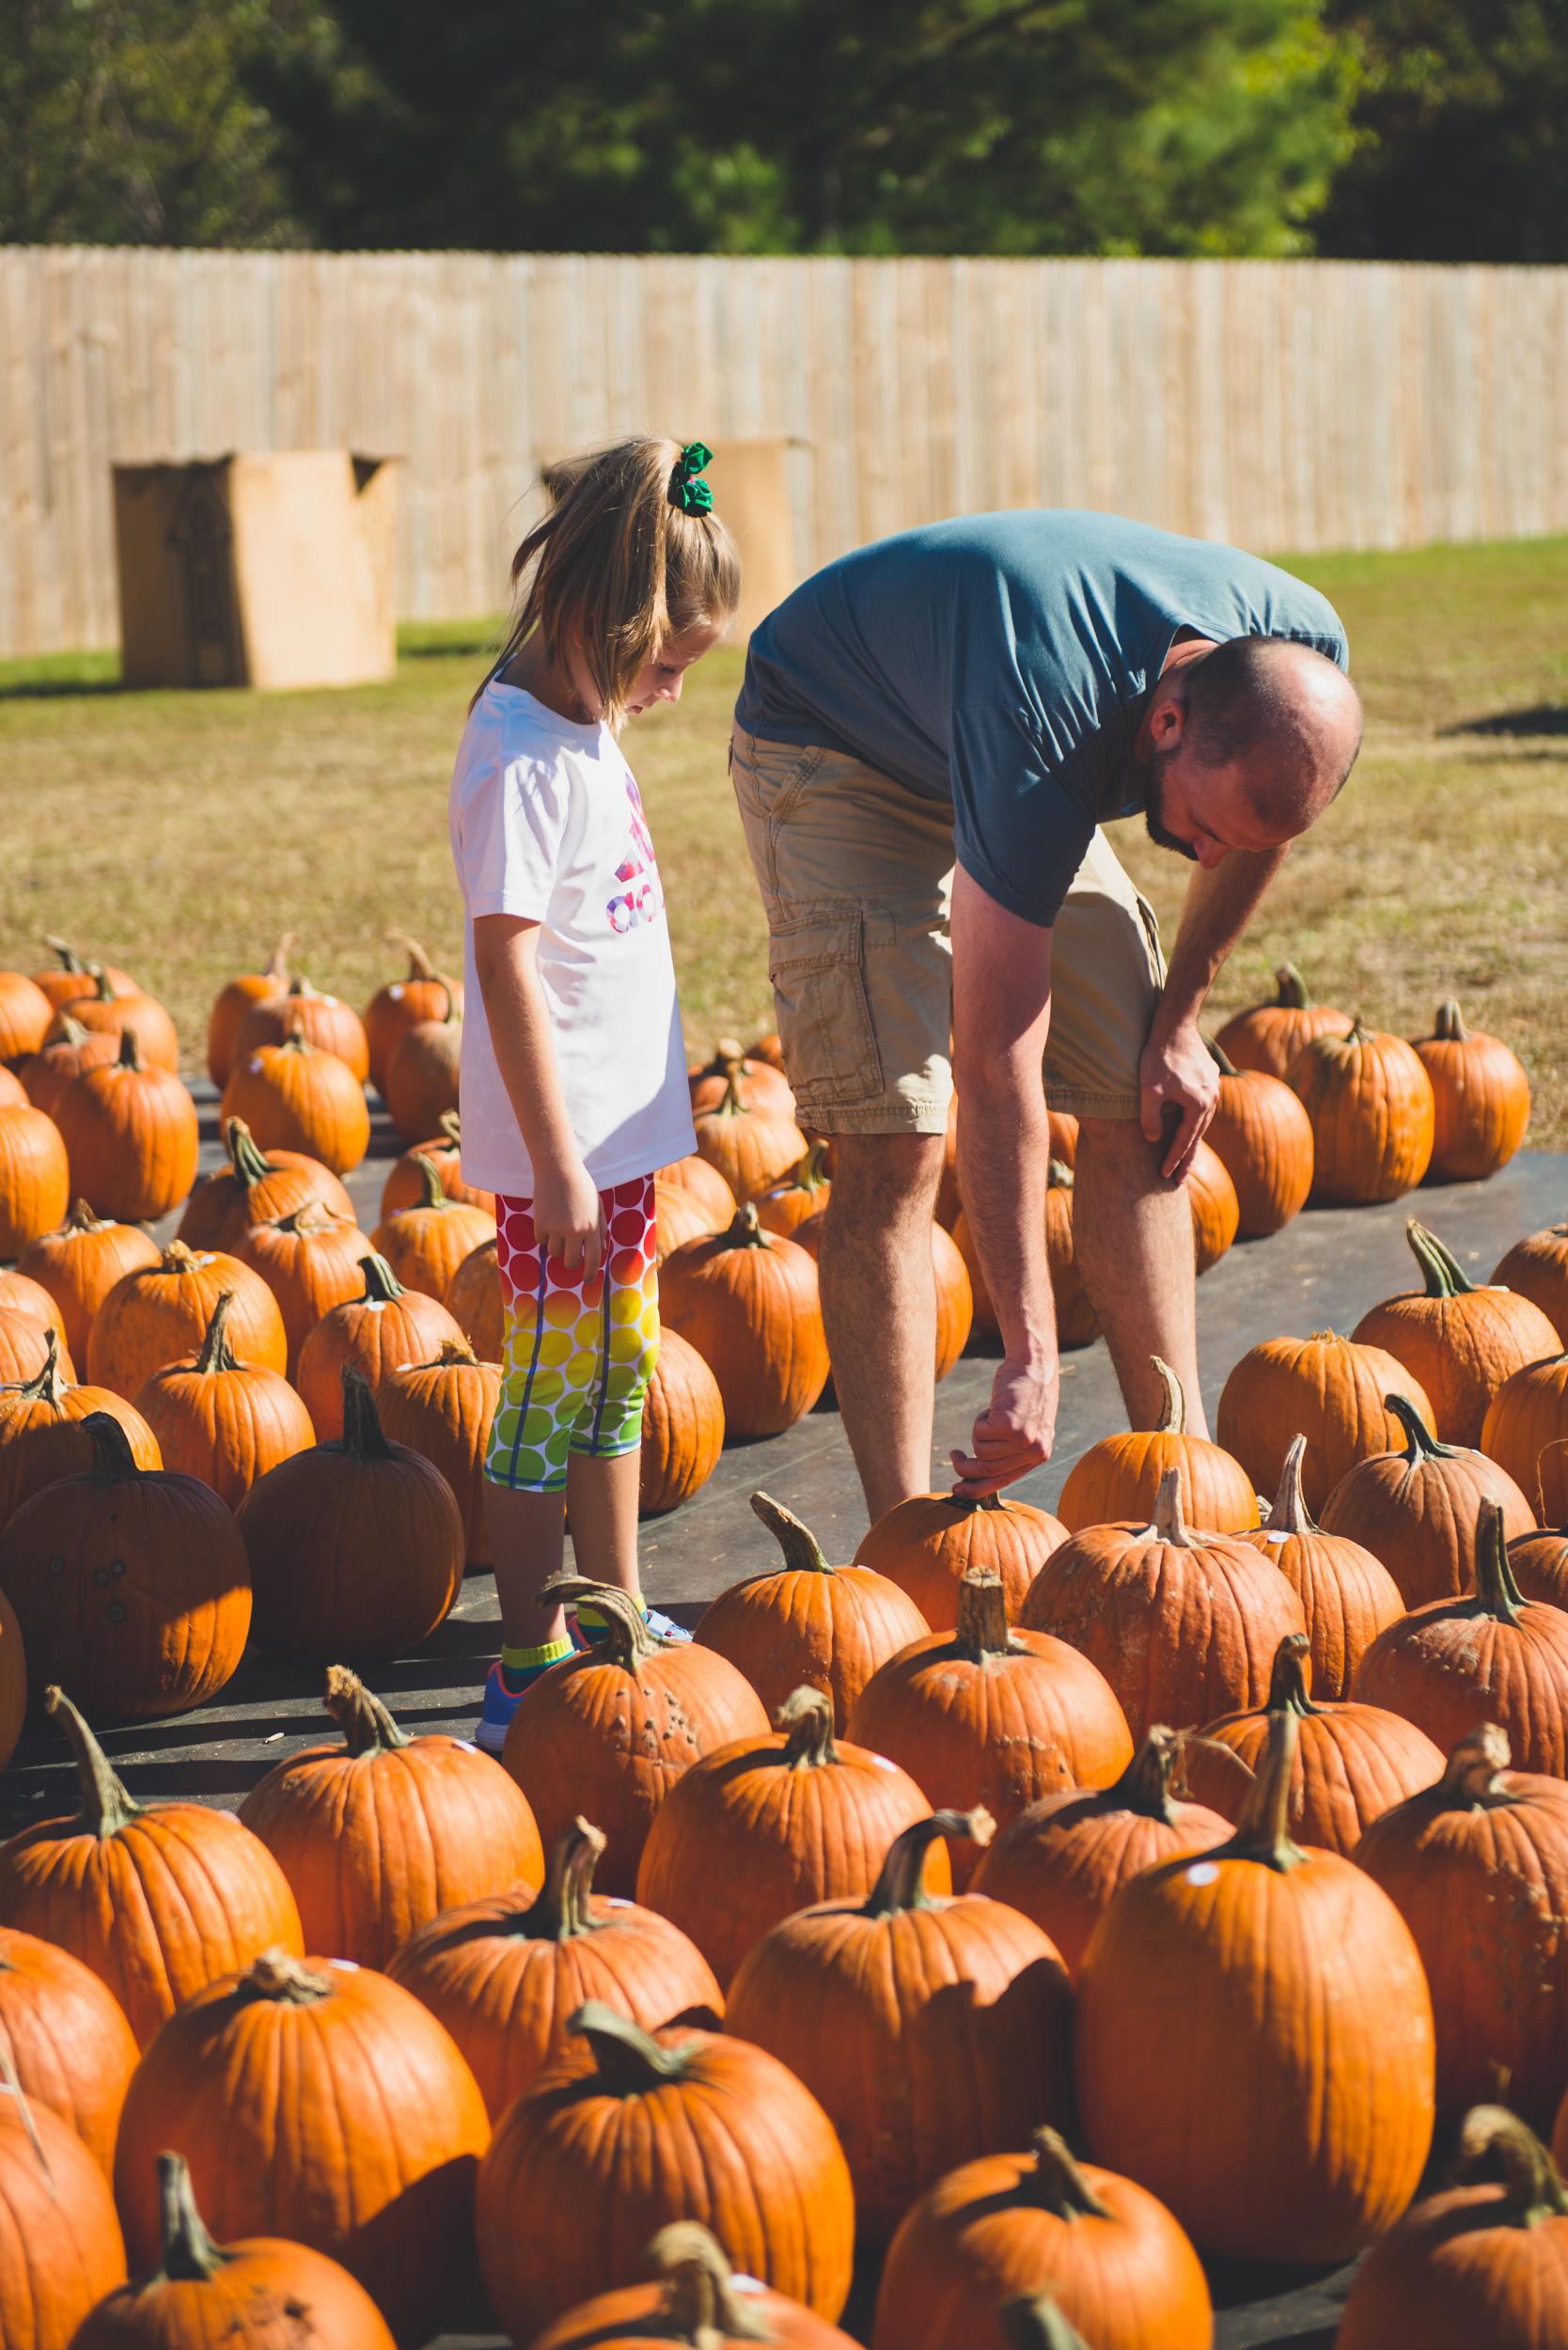 fall_pumpkin_patch_family_portrait_raleigh-6.jpg